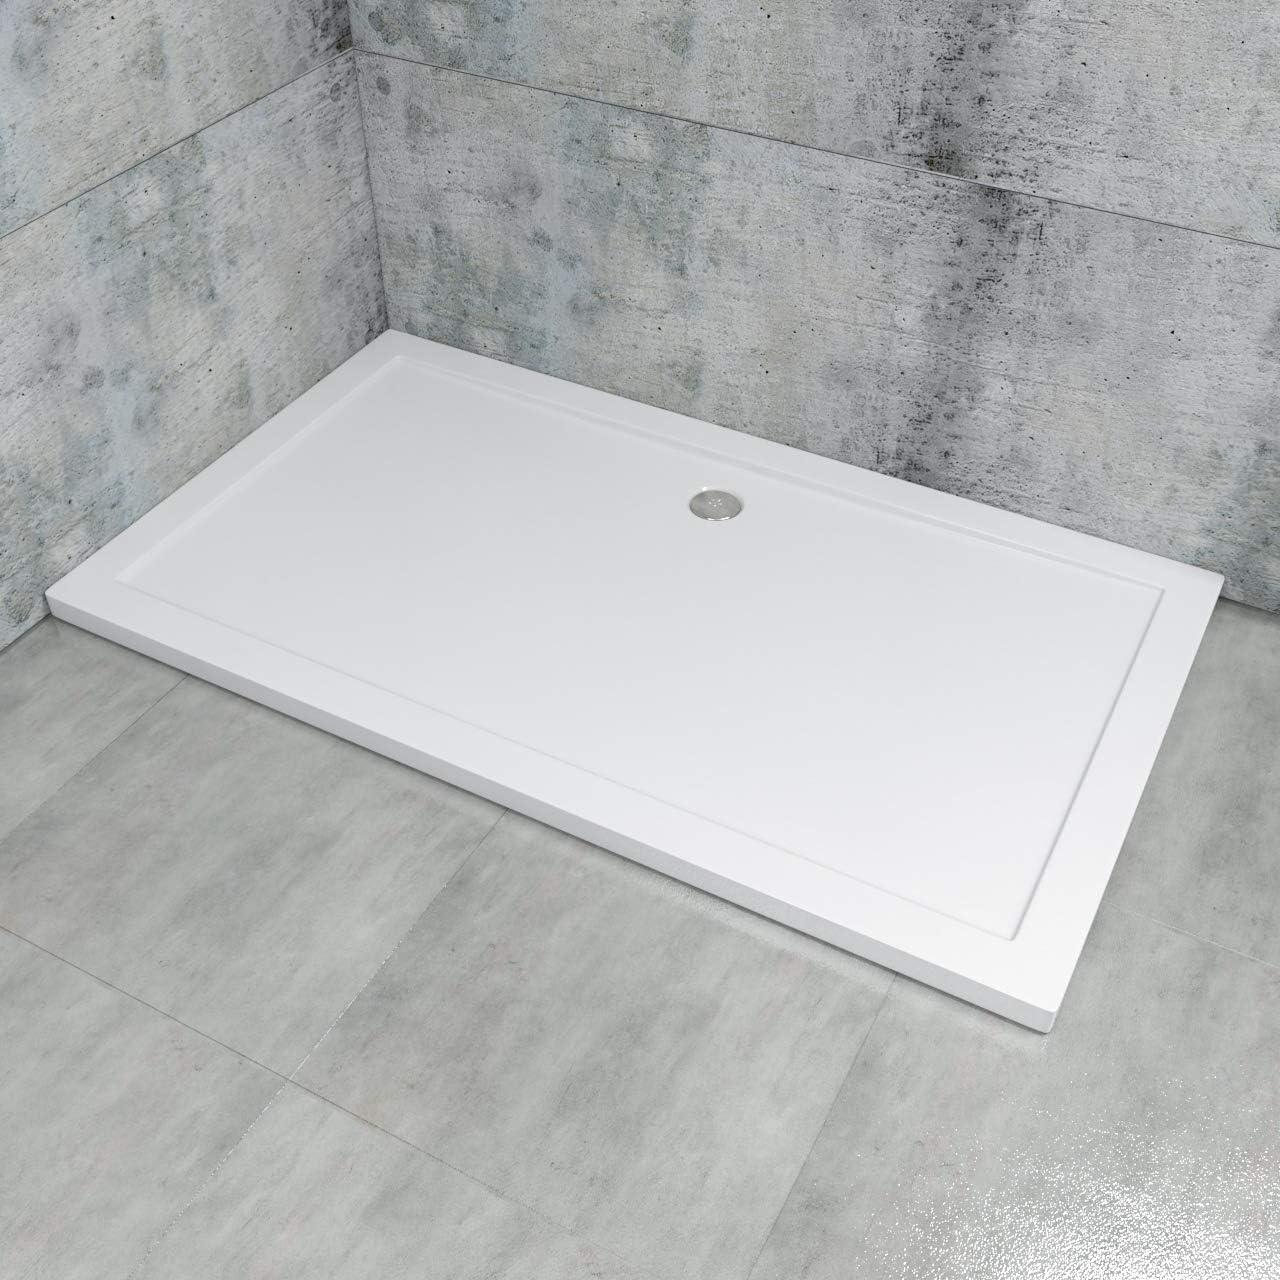 Plato de ducha rectangular, extra plano de acrílico en color blanco, rectangular, conexiones DIN para montaje a nivel del suelo, incluye desagüe, LDZ0102: Amazon.es: Bricolaje y herramientas